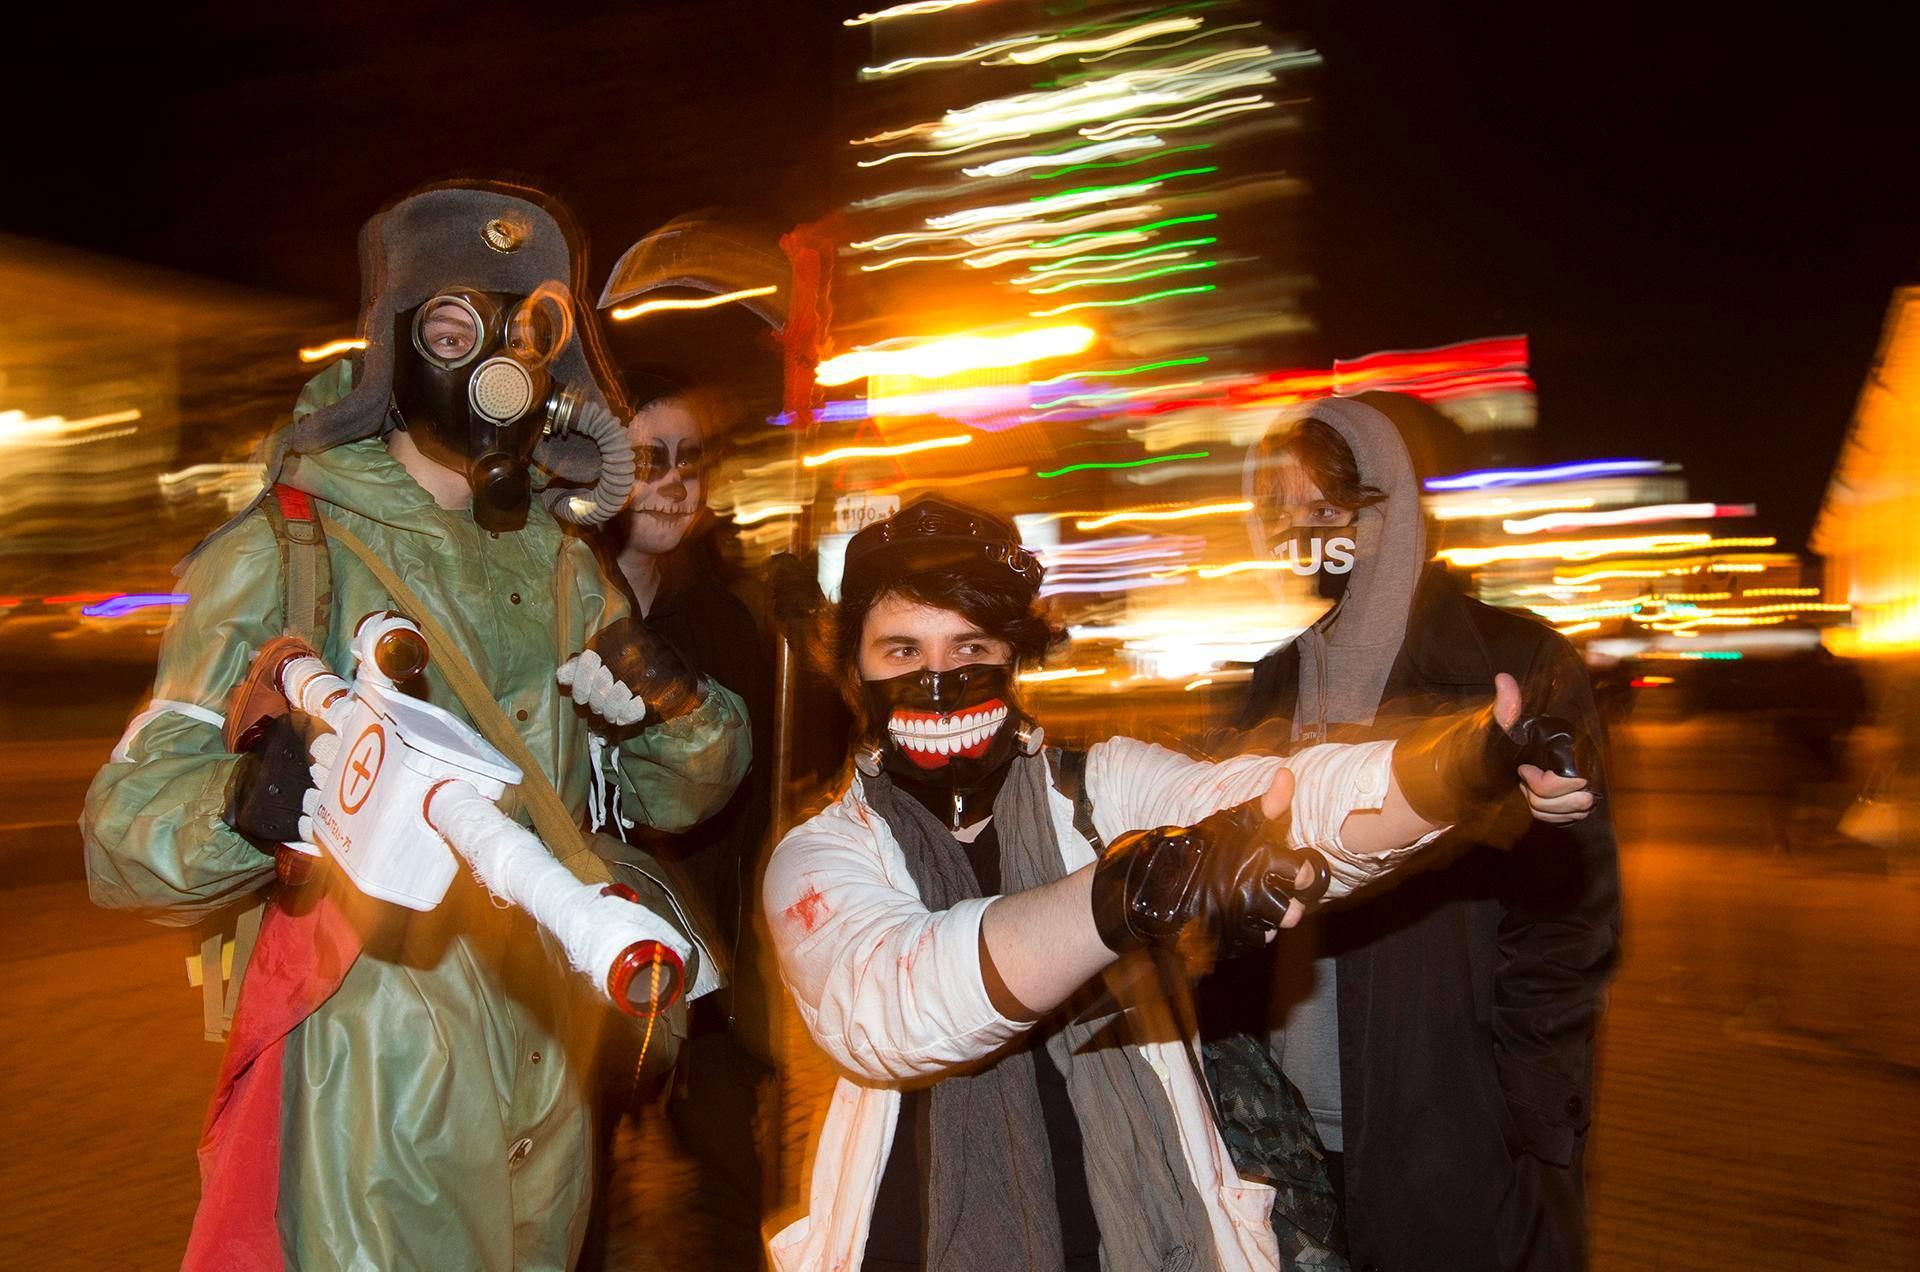 Halloweenin juhlintaa Minskissä Valko-Venäjällä.